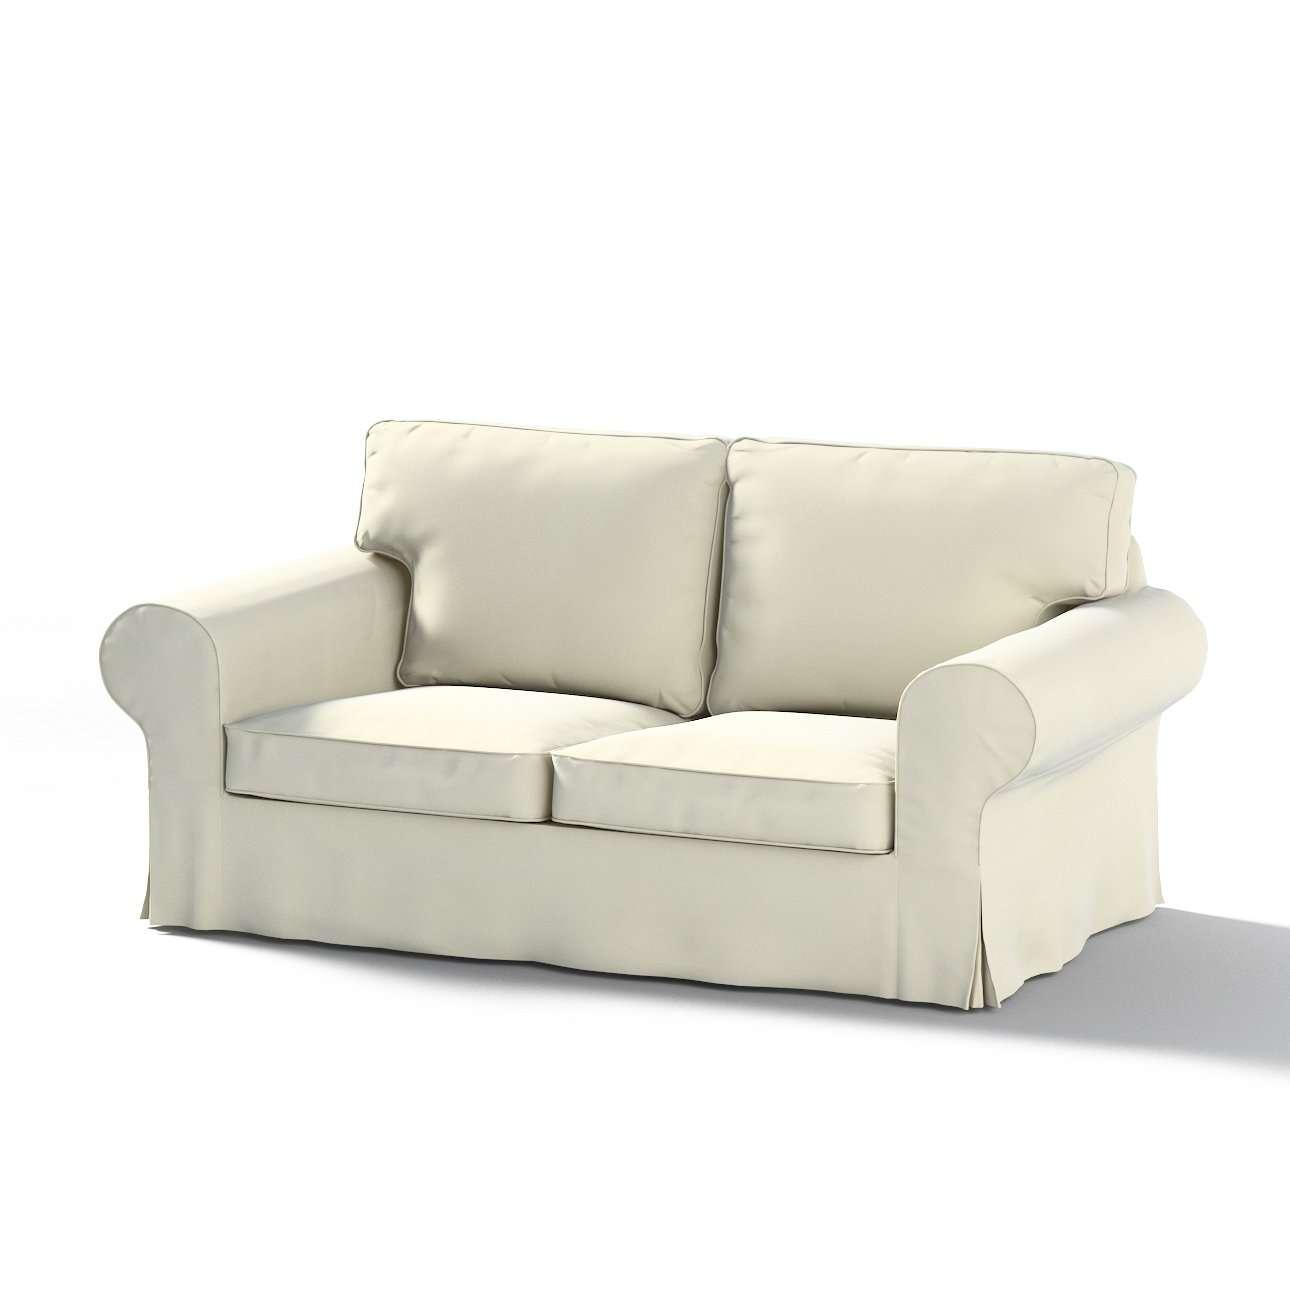 Pokrowiec na sofę Ektorp 2-osobową rozkładaną, model po 2012 w kolekcji Velvet, tkanina: 704-10